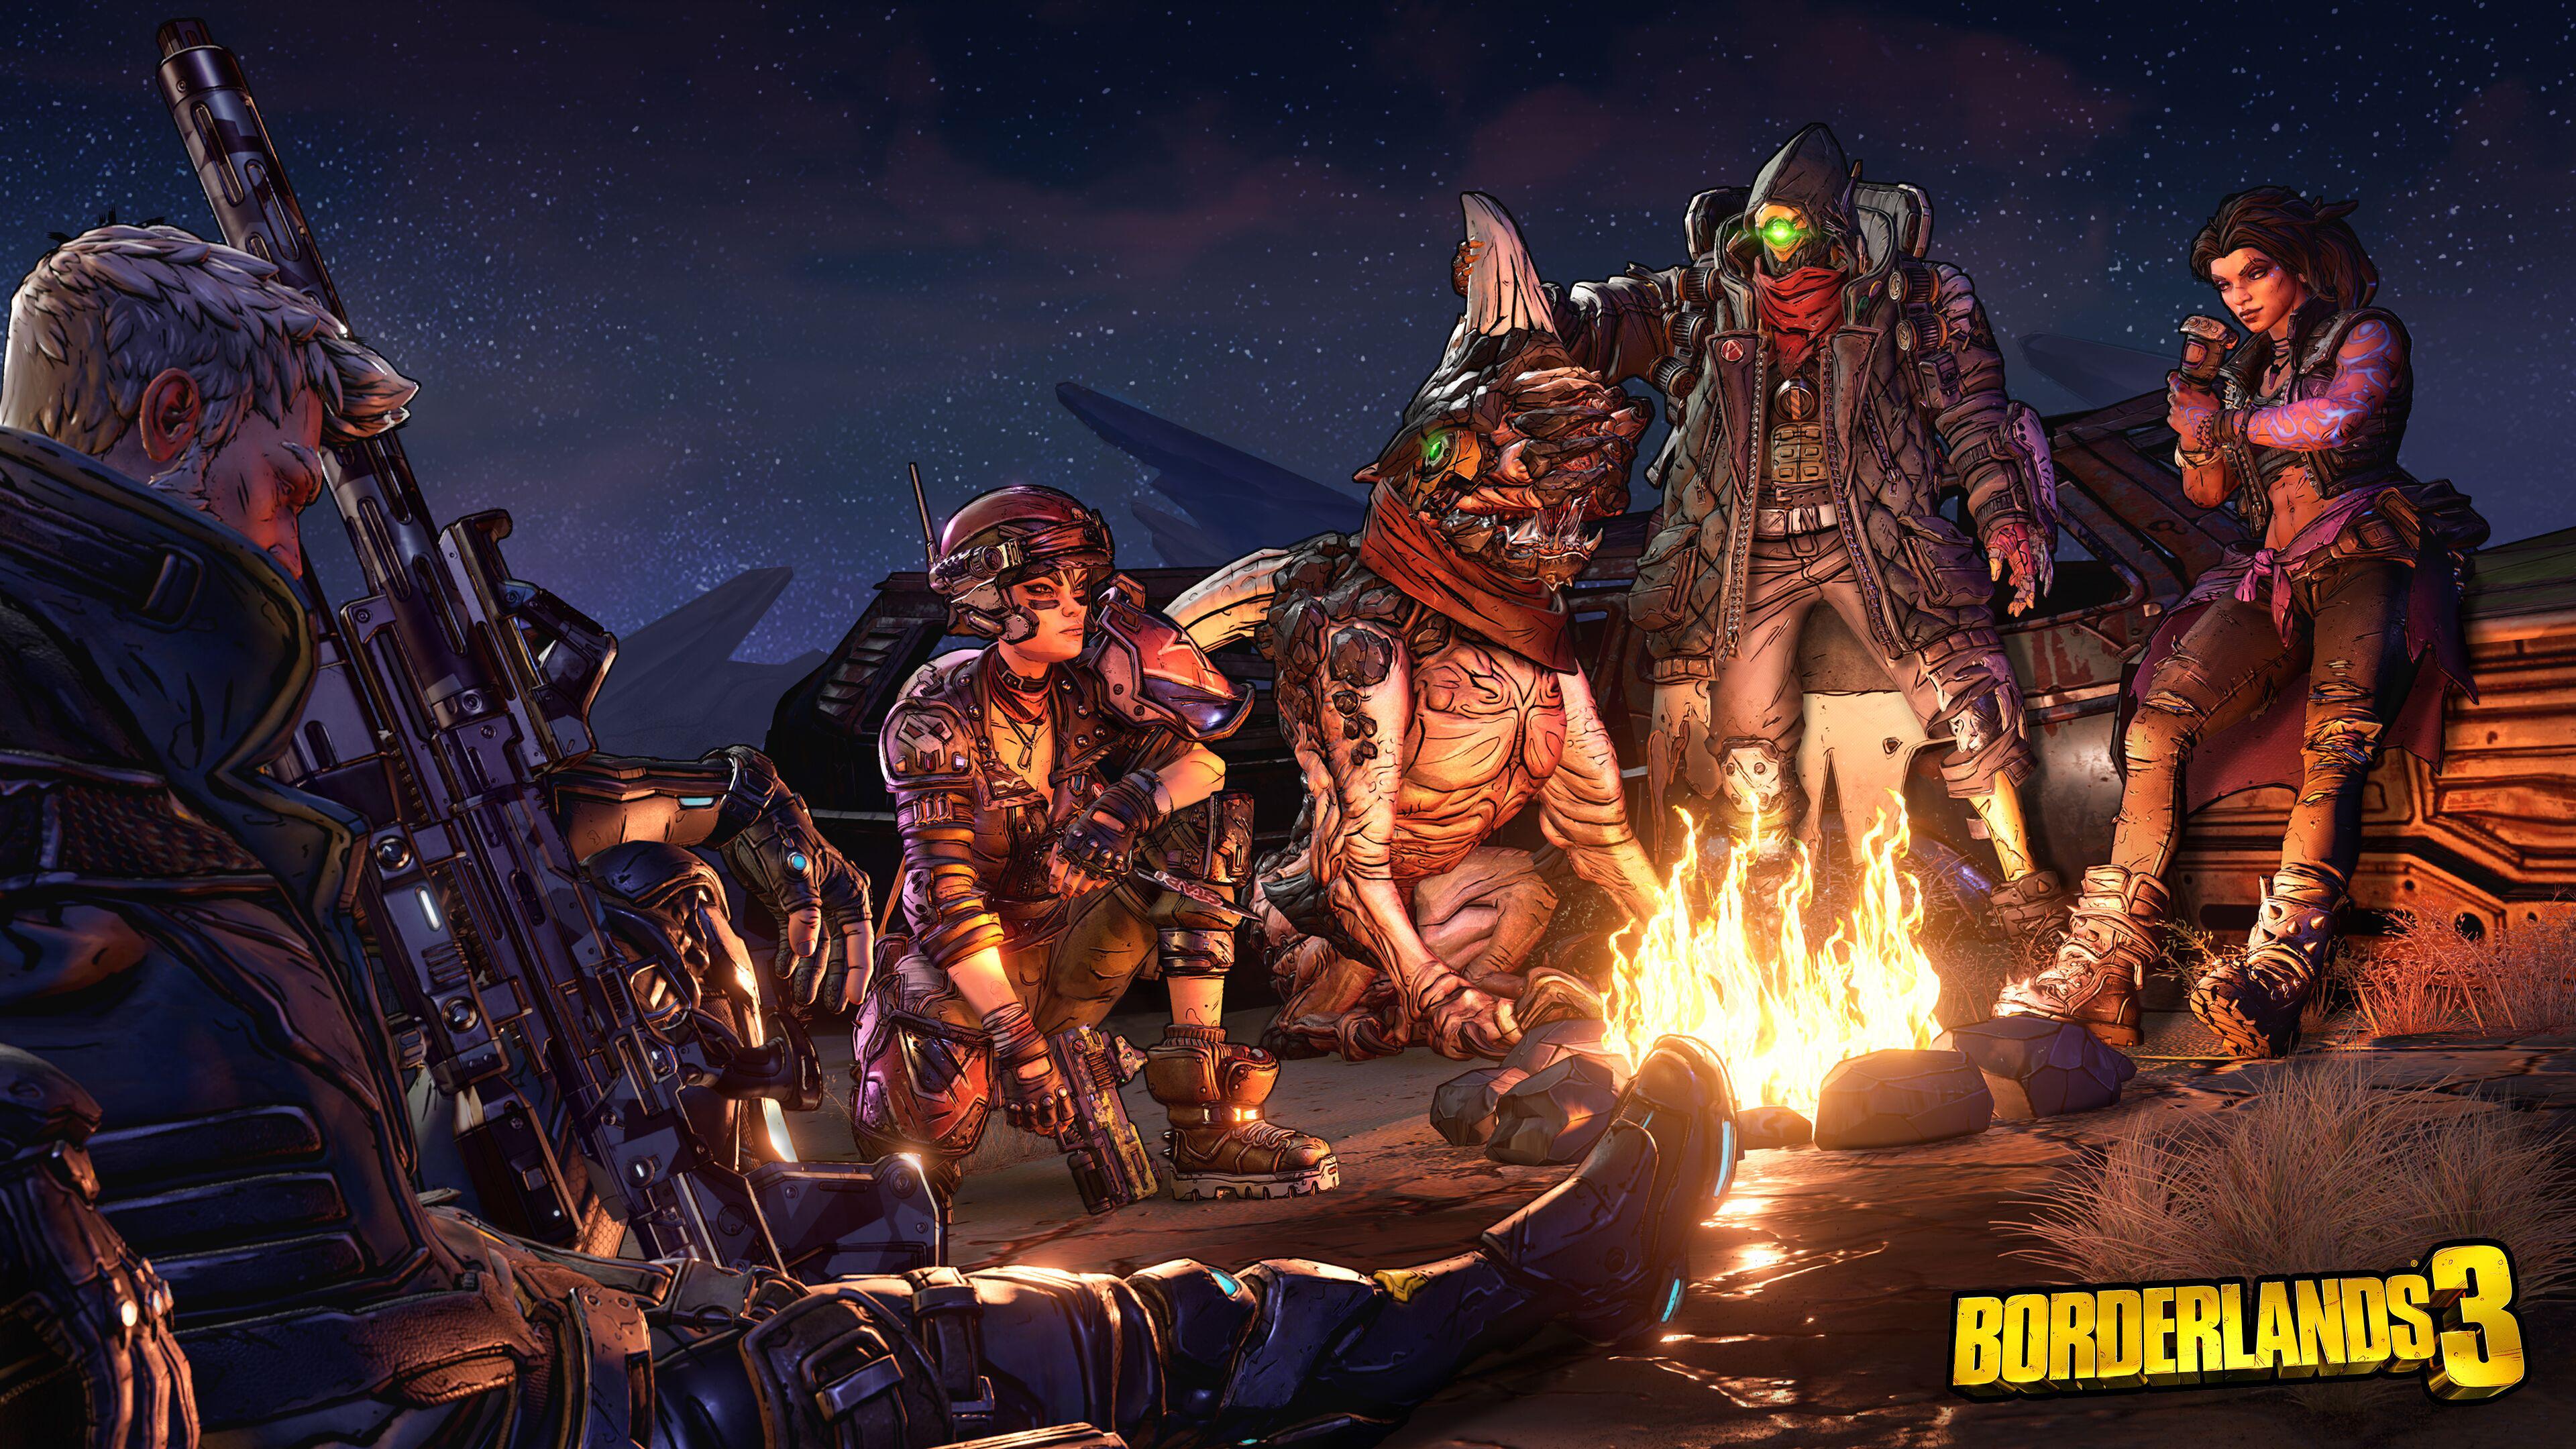 Borderlands 3 2019 4k, HD Games, 4k Wallpapers, Images ...